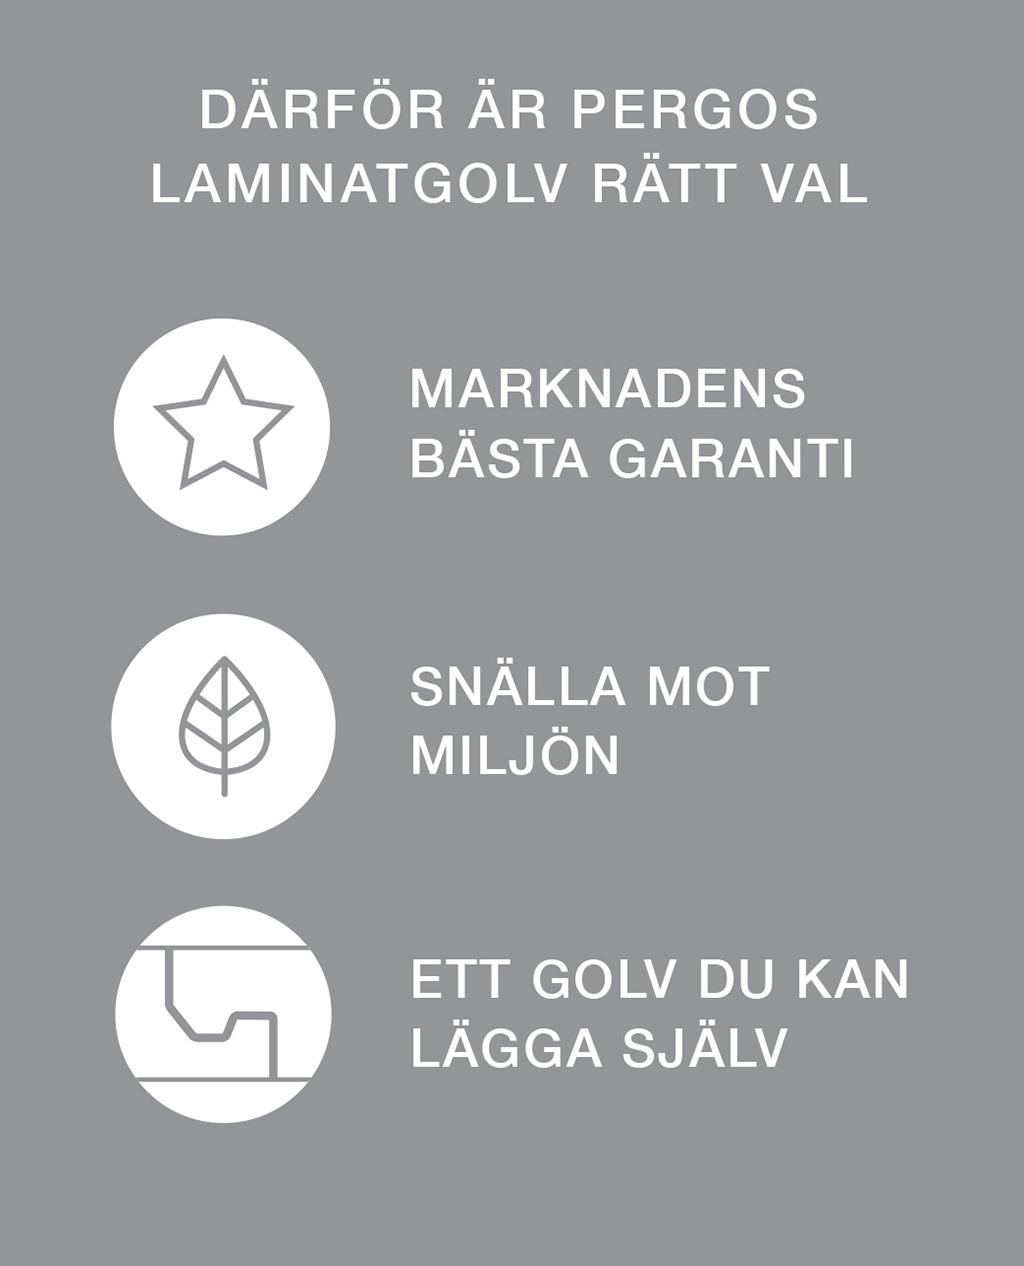 pergo-infographic-darfor-ar-pergos-laminatgolv-ratt-val